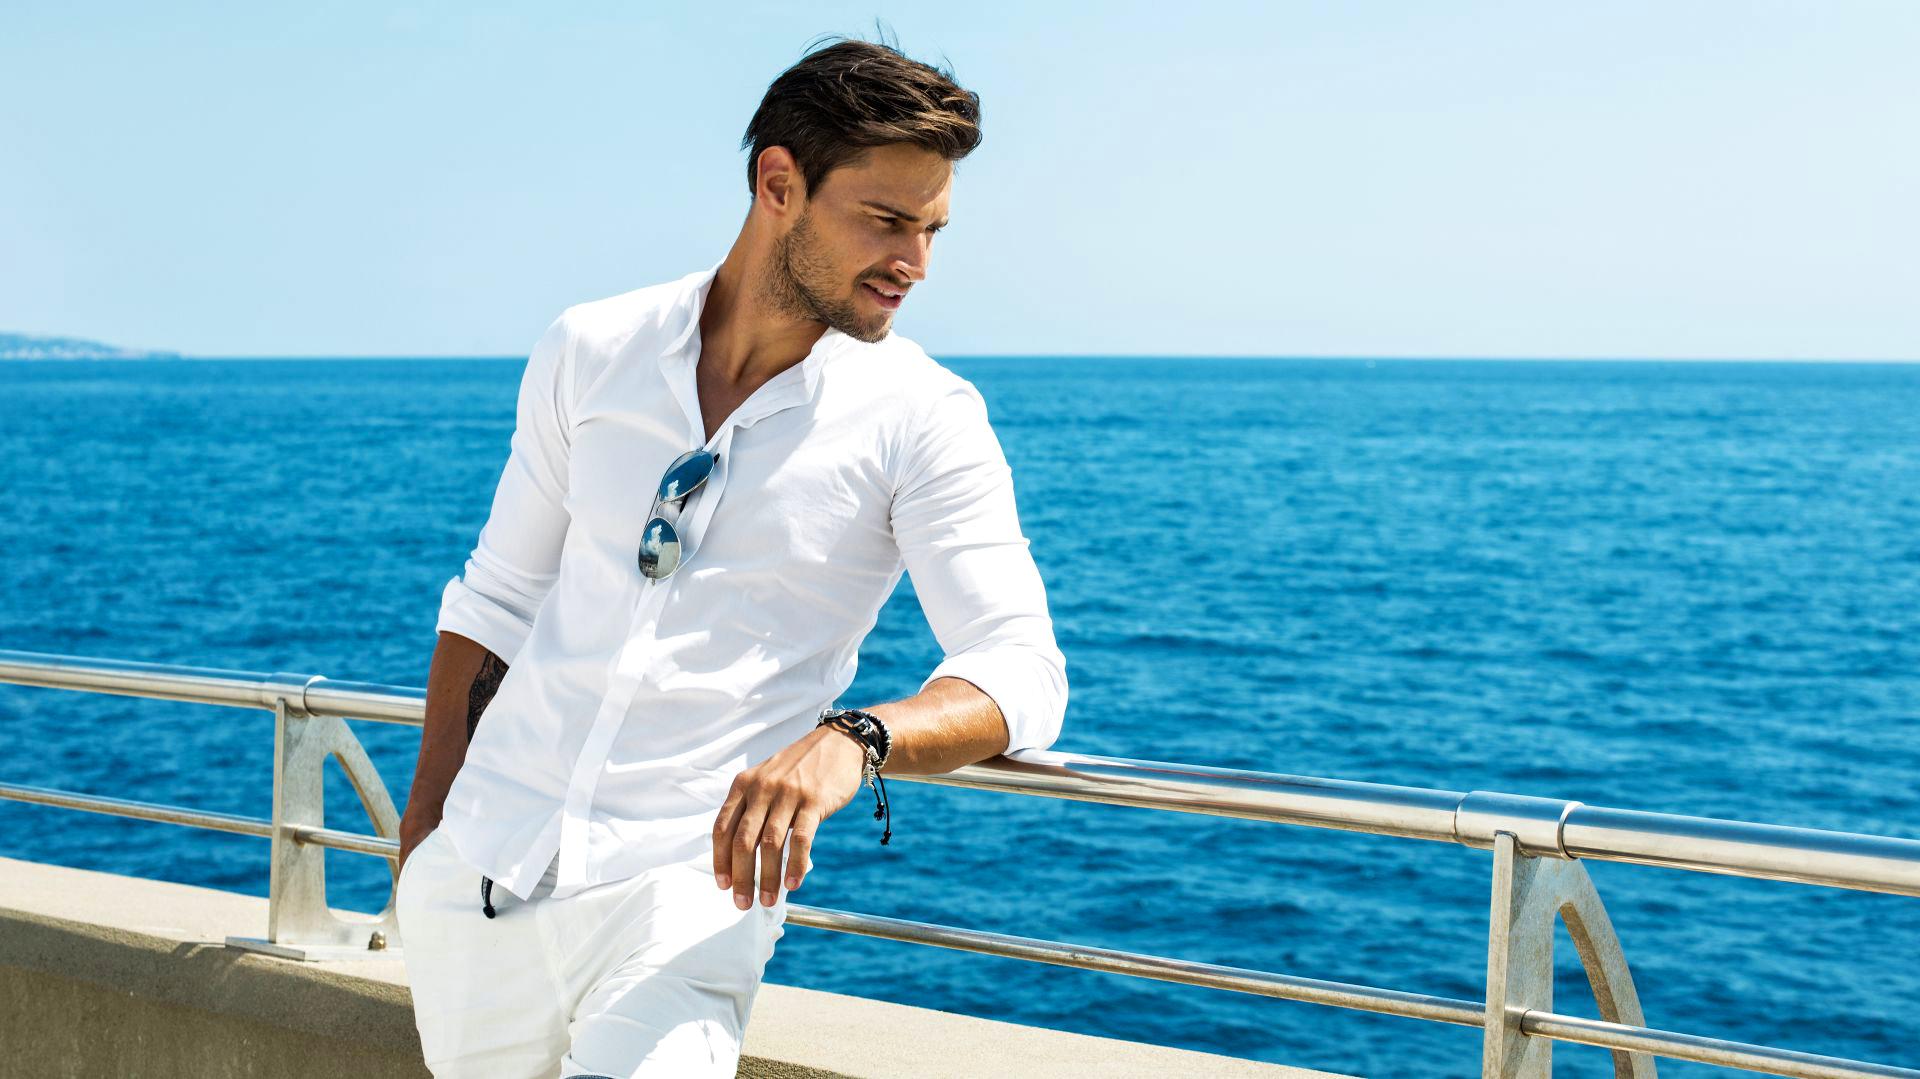 Men's Smart Casual Dress Code